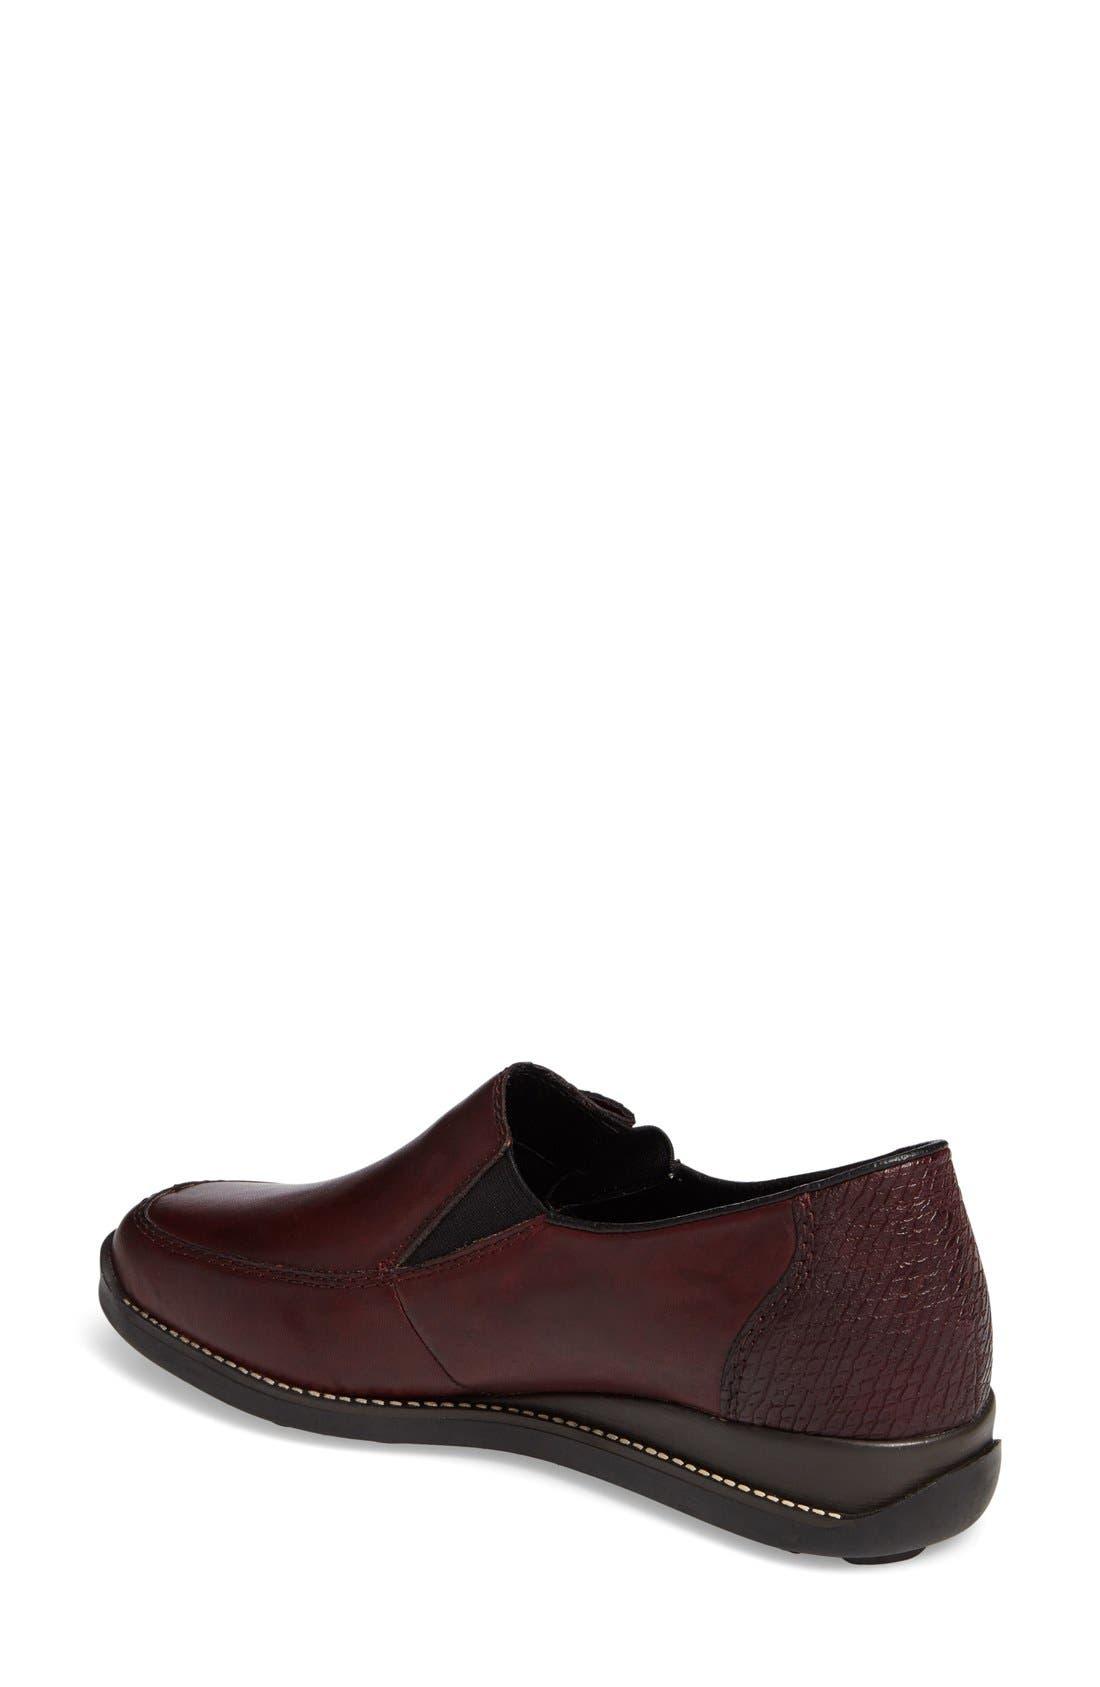 'Daphne' Wedge,                             Alternate thumbnail 2, color,                             Bordeaux Leather